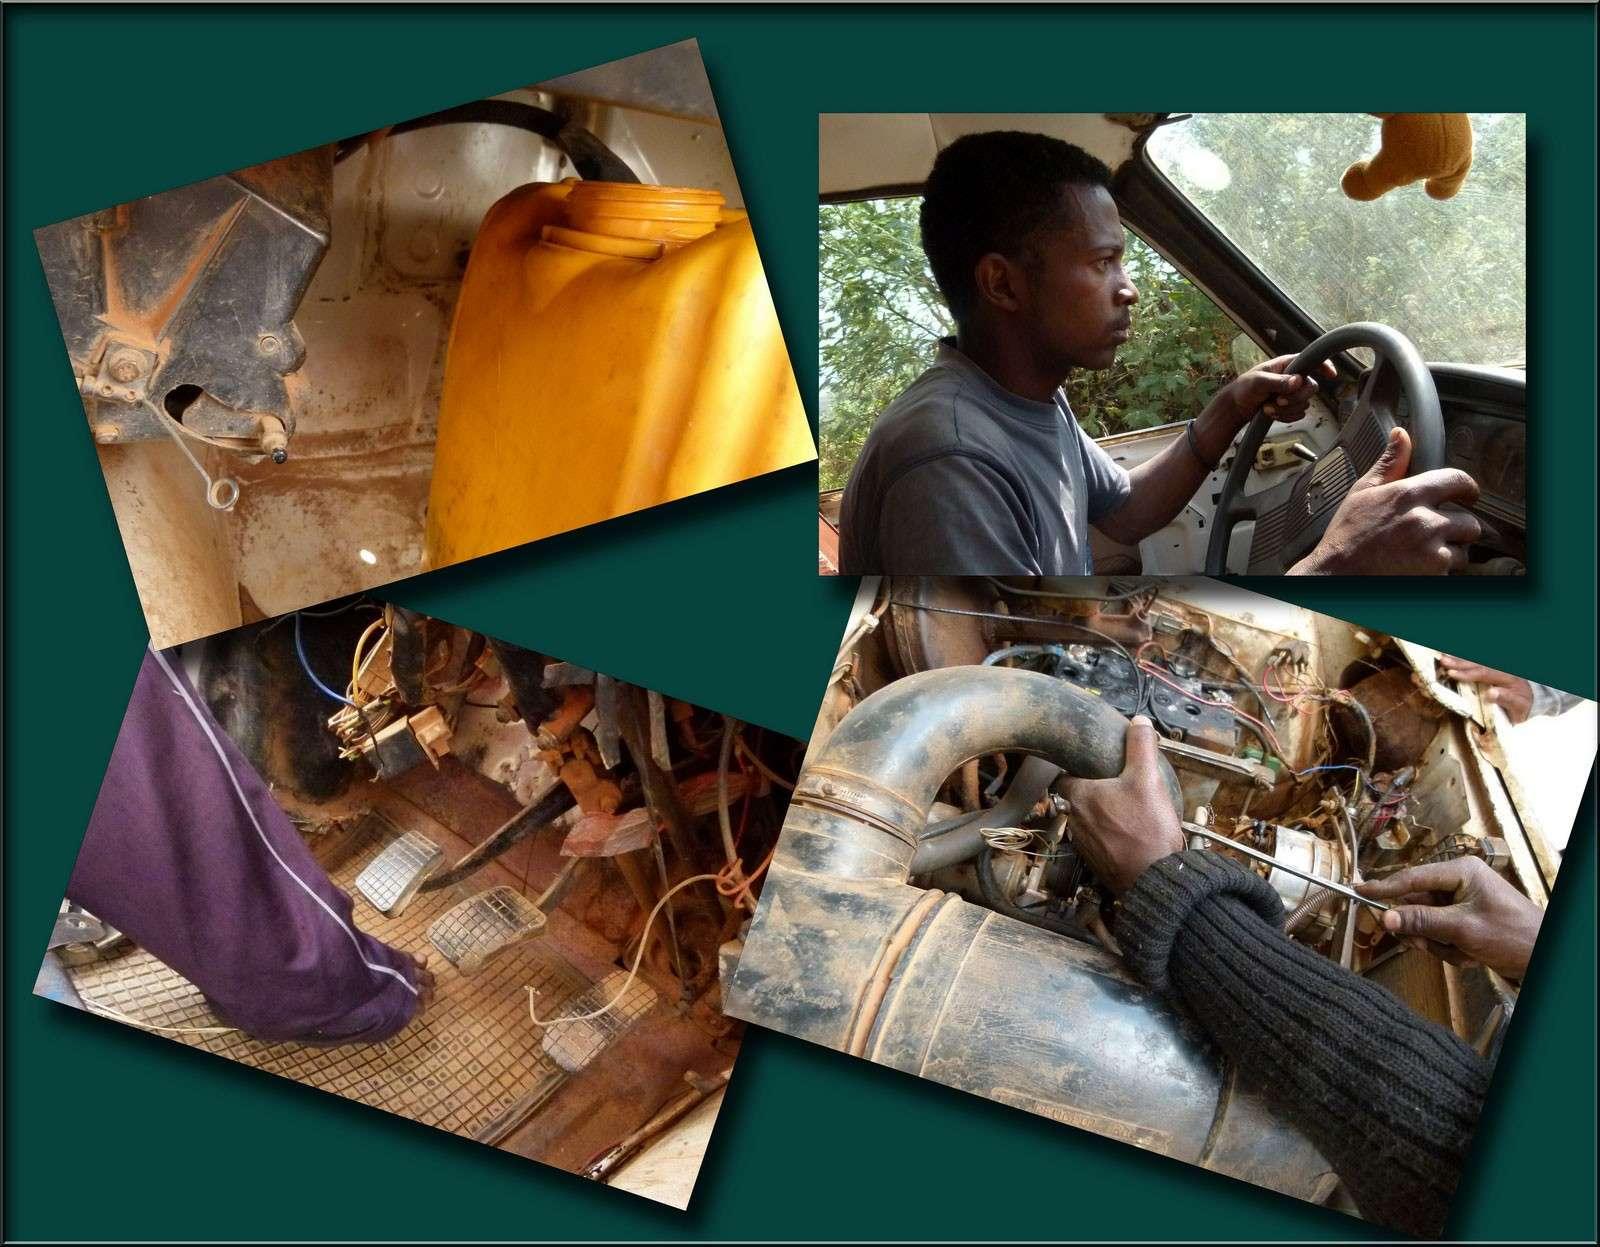 RUBRIQUE PHOTO POUR VITRINE SEPTEMBRE 2012 SUITE 4_4_an11